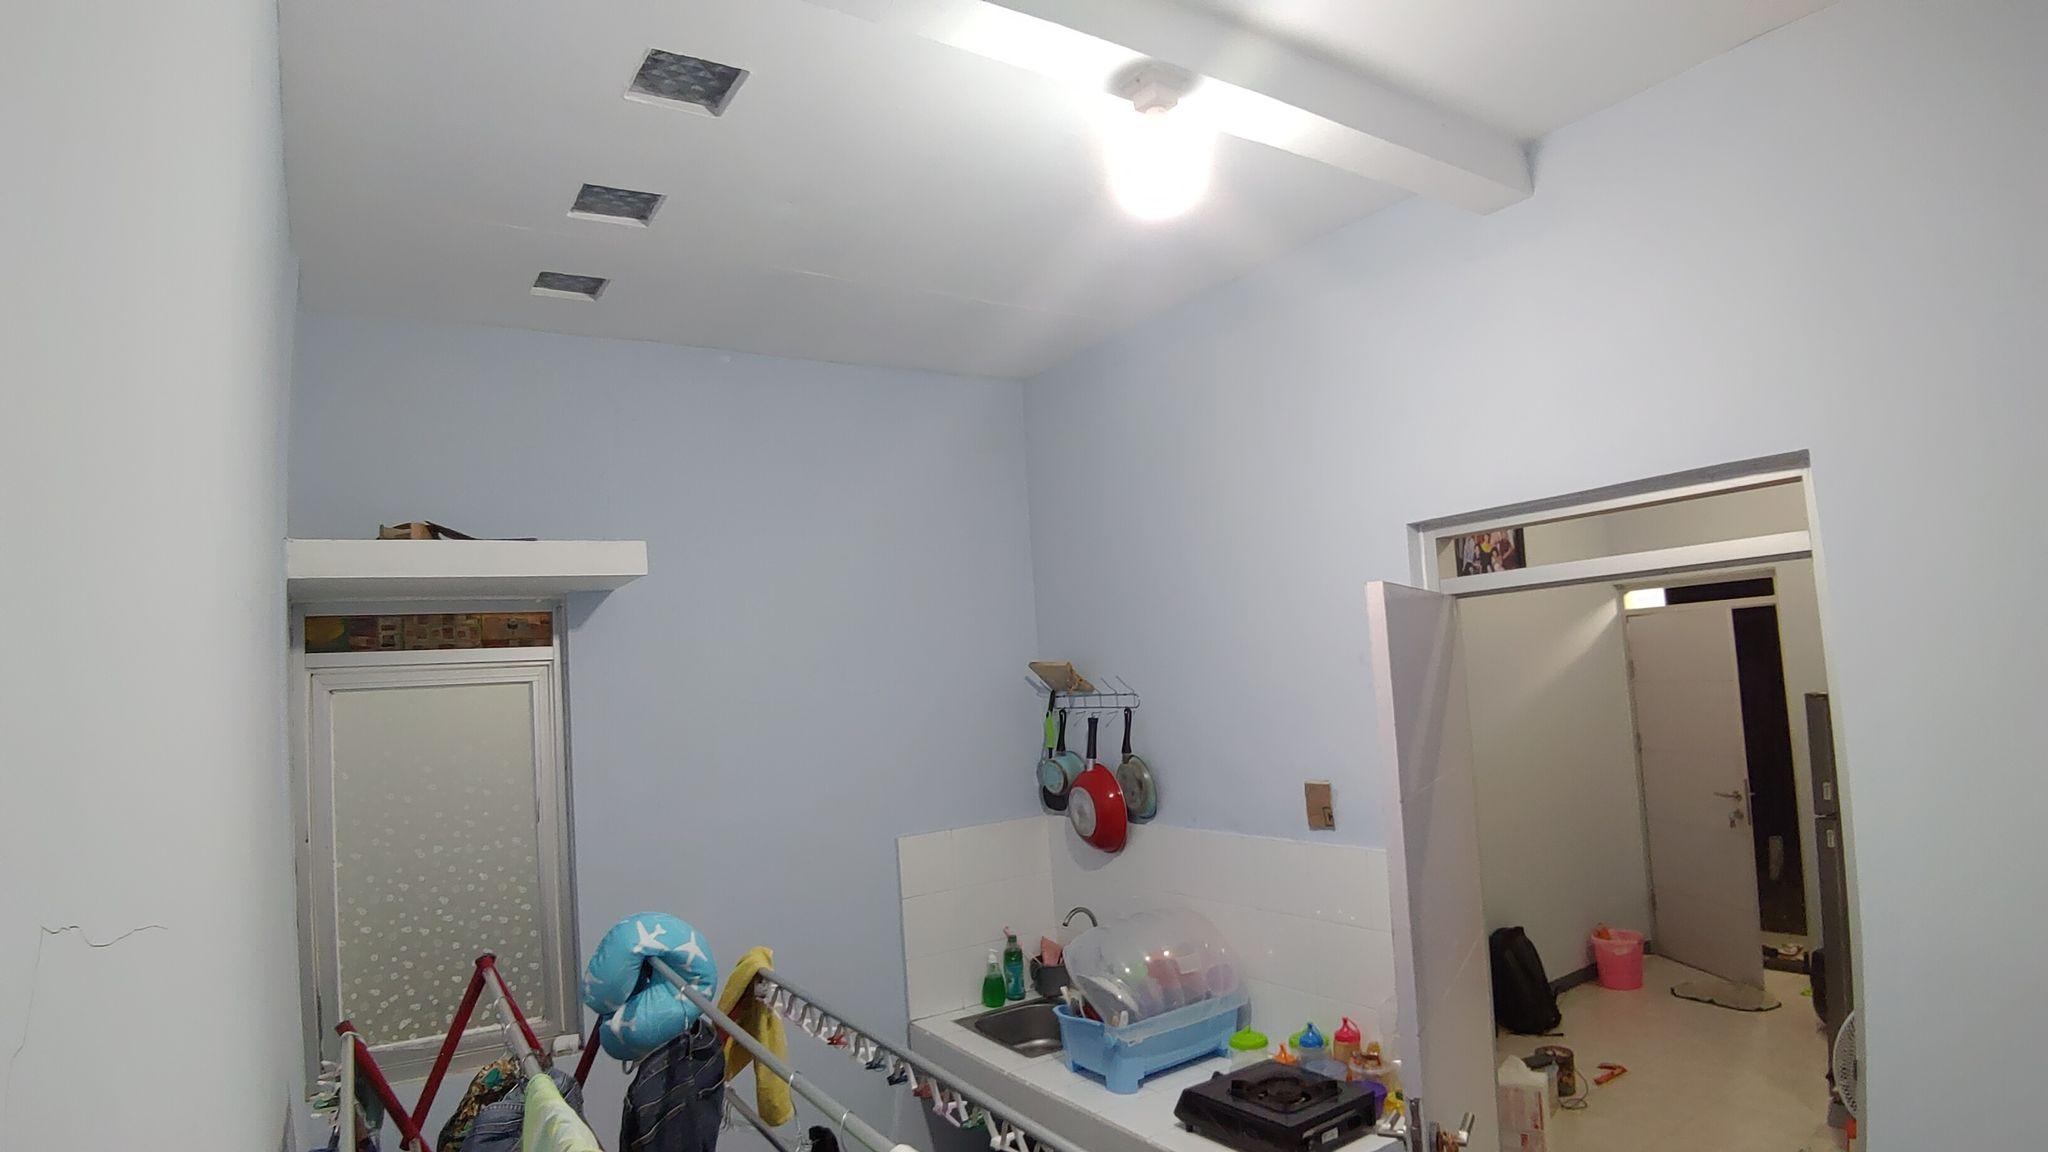 Dapur yang sudah dibangun tembok dan atap.